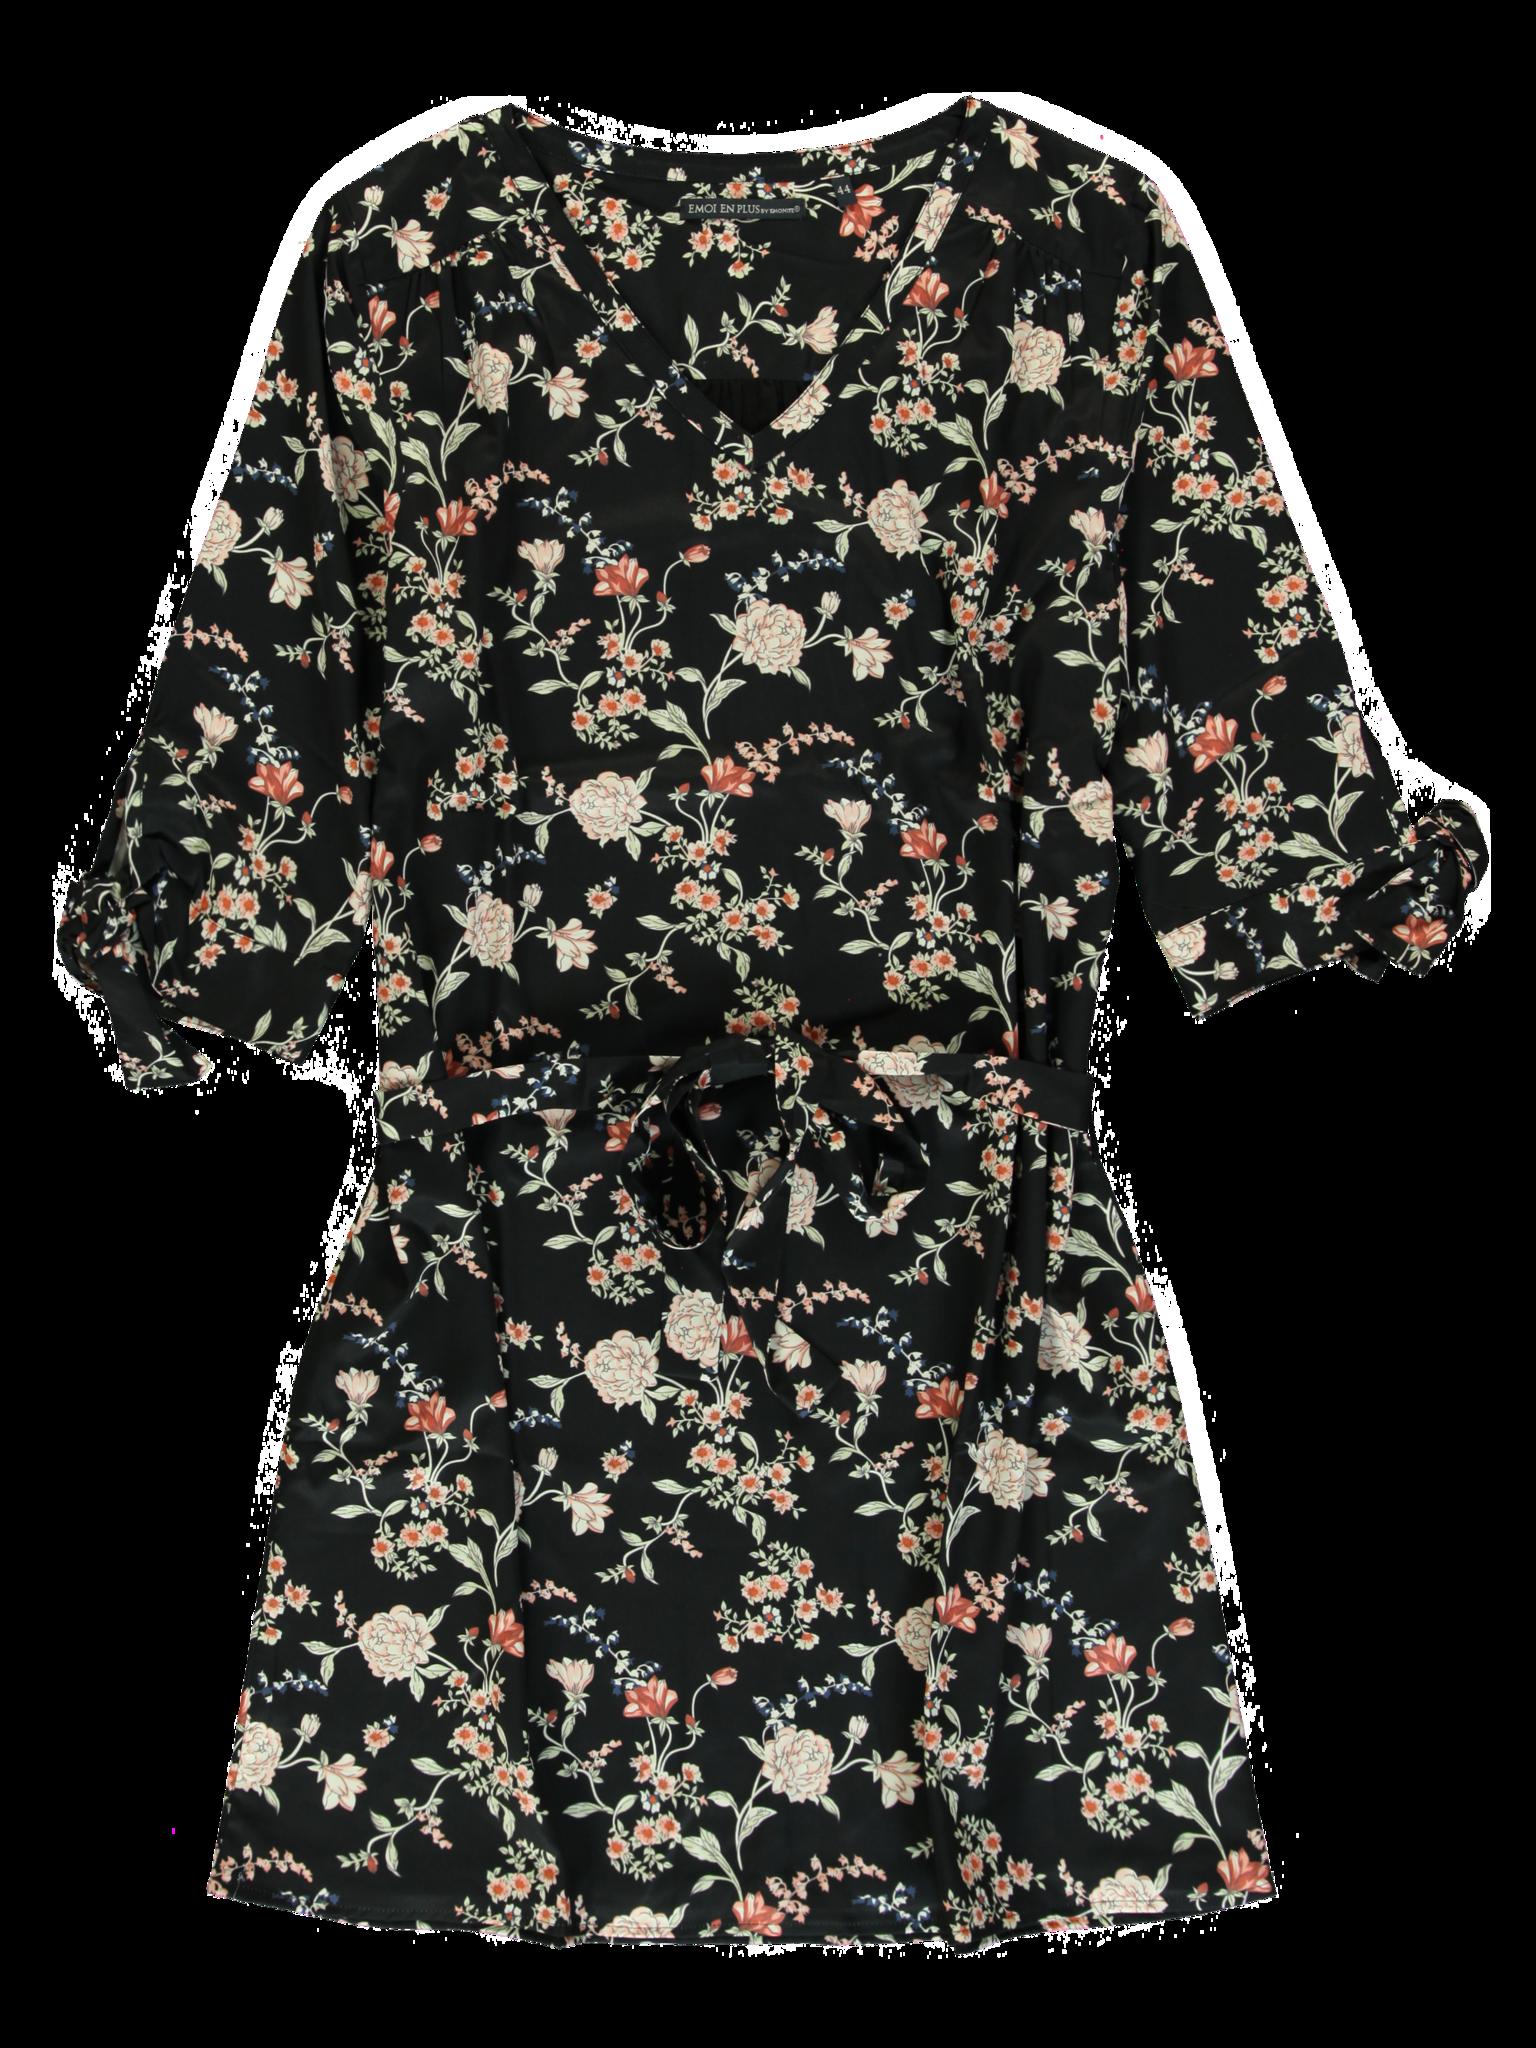 All Brands | Winterproducts Ladies+ | Dress | 18 pcs/box